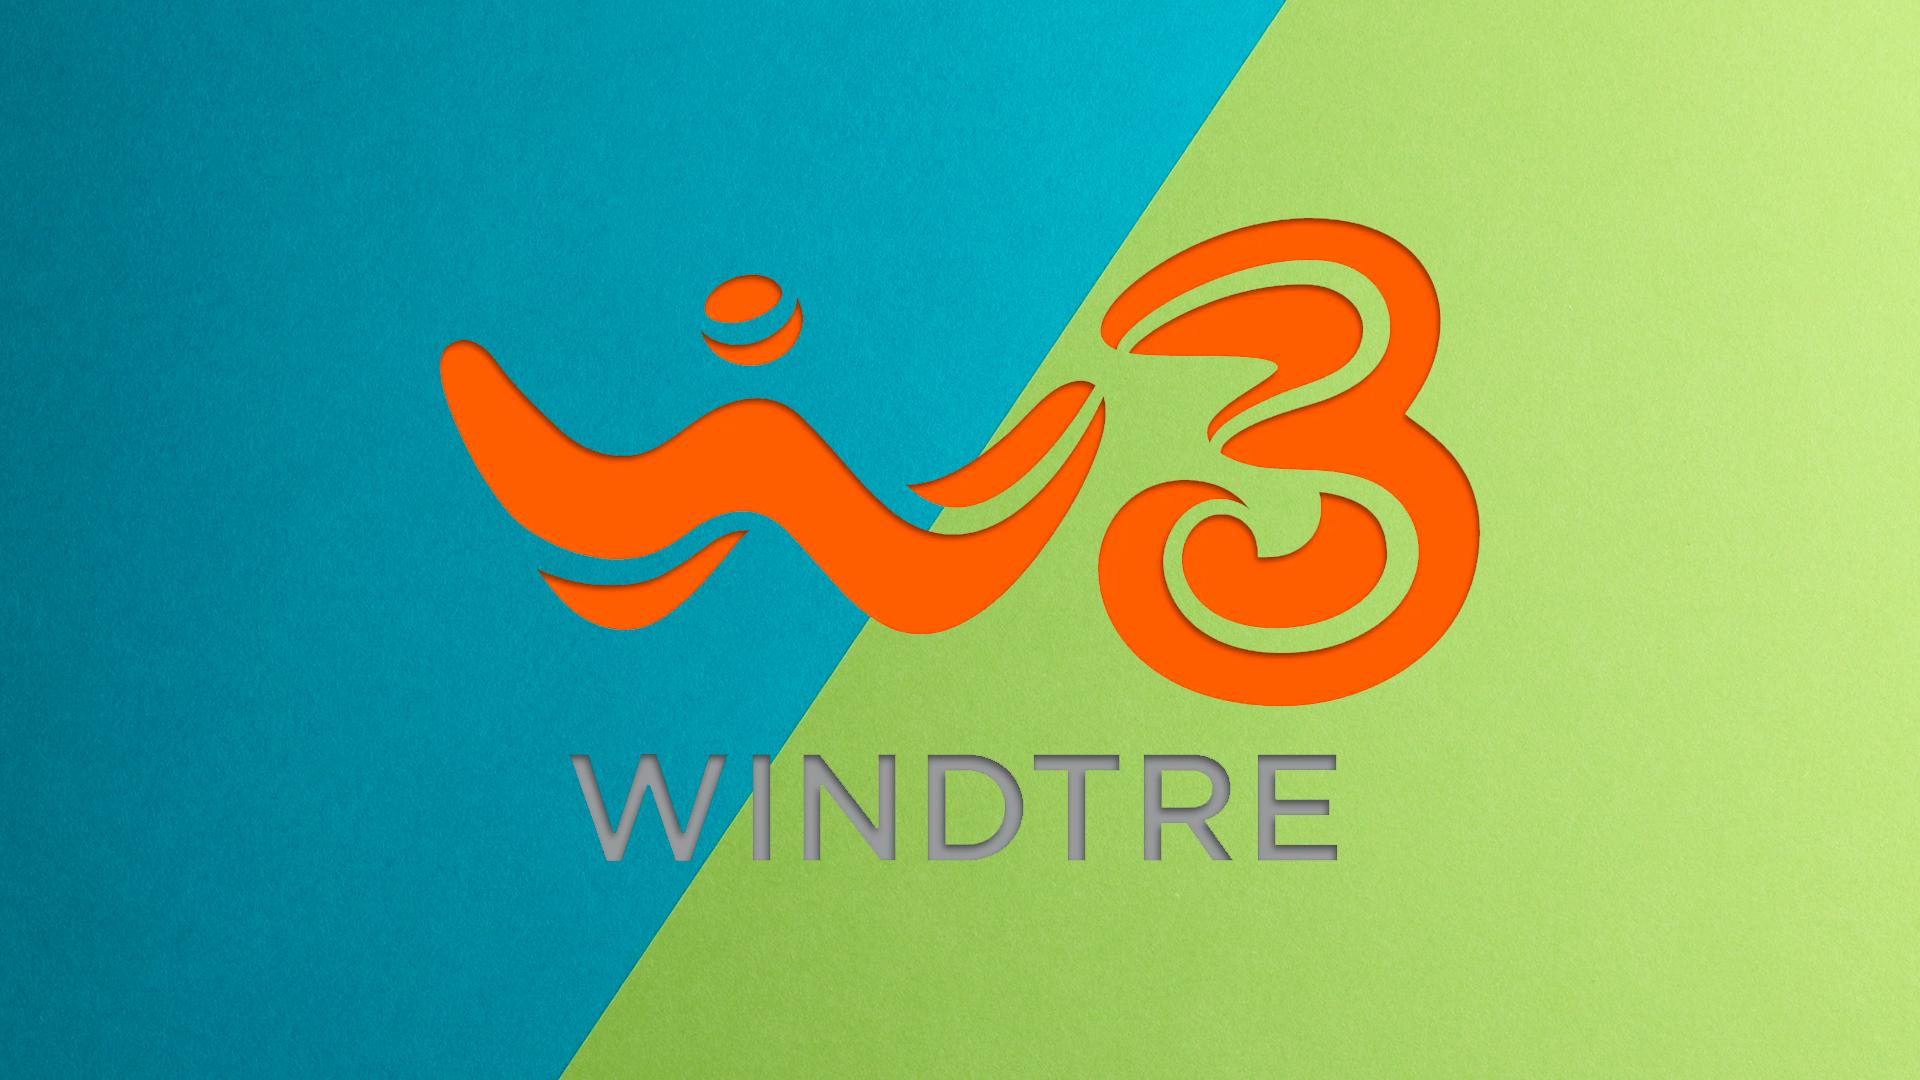 WindTre propone il cambio offerta di rete fissa: nuova tariffa a 23,99€ con chiamate illimitate